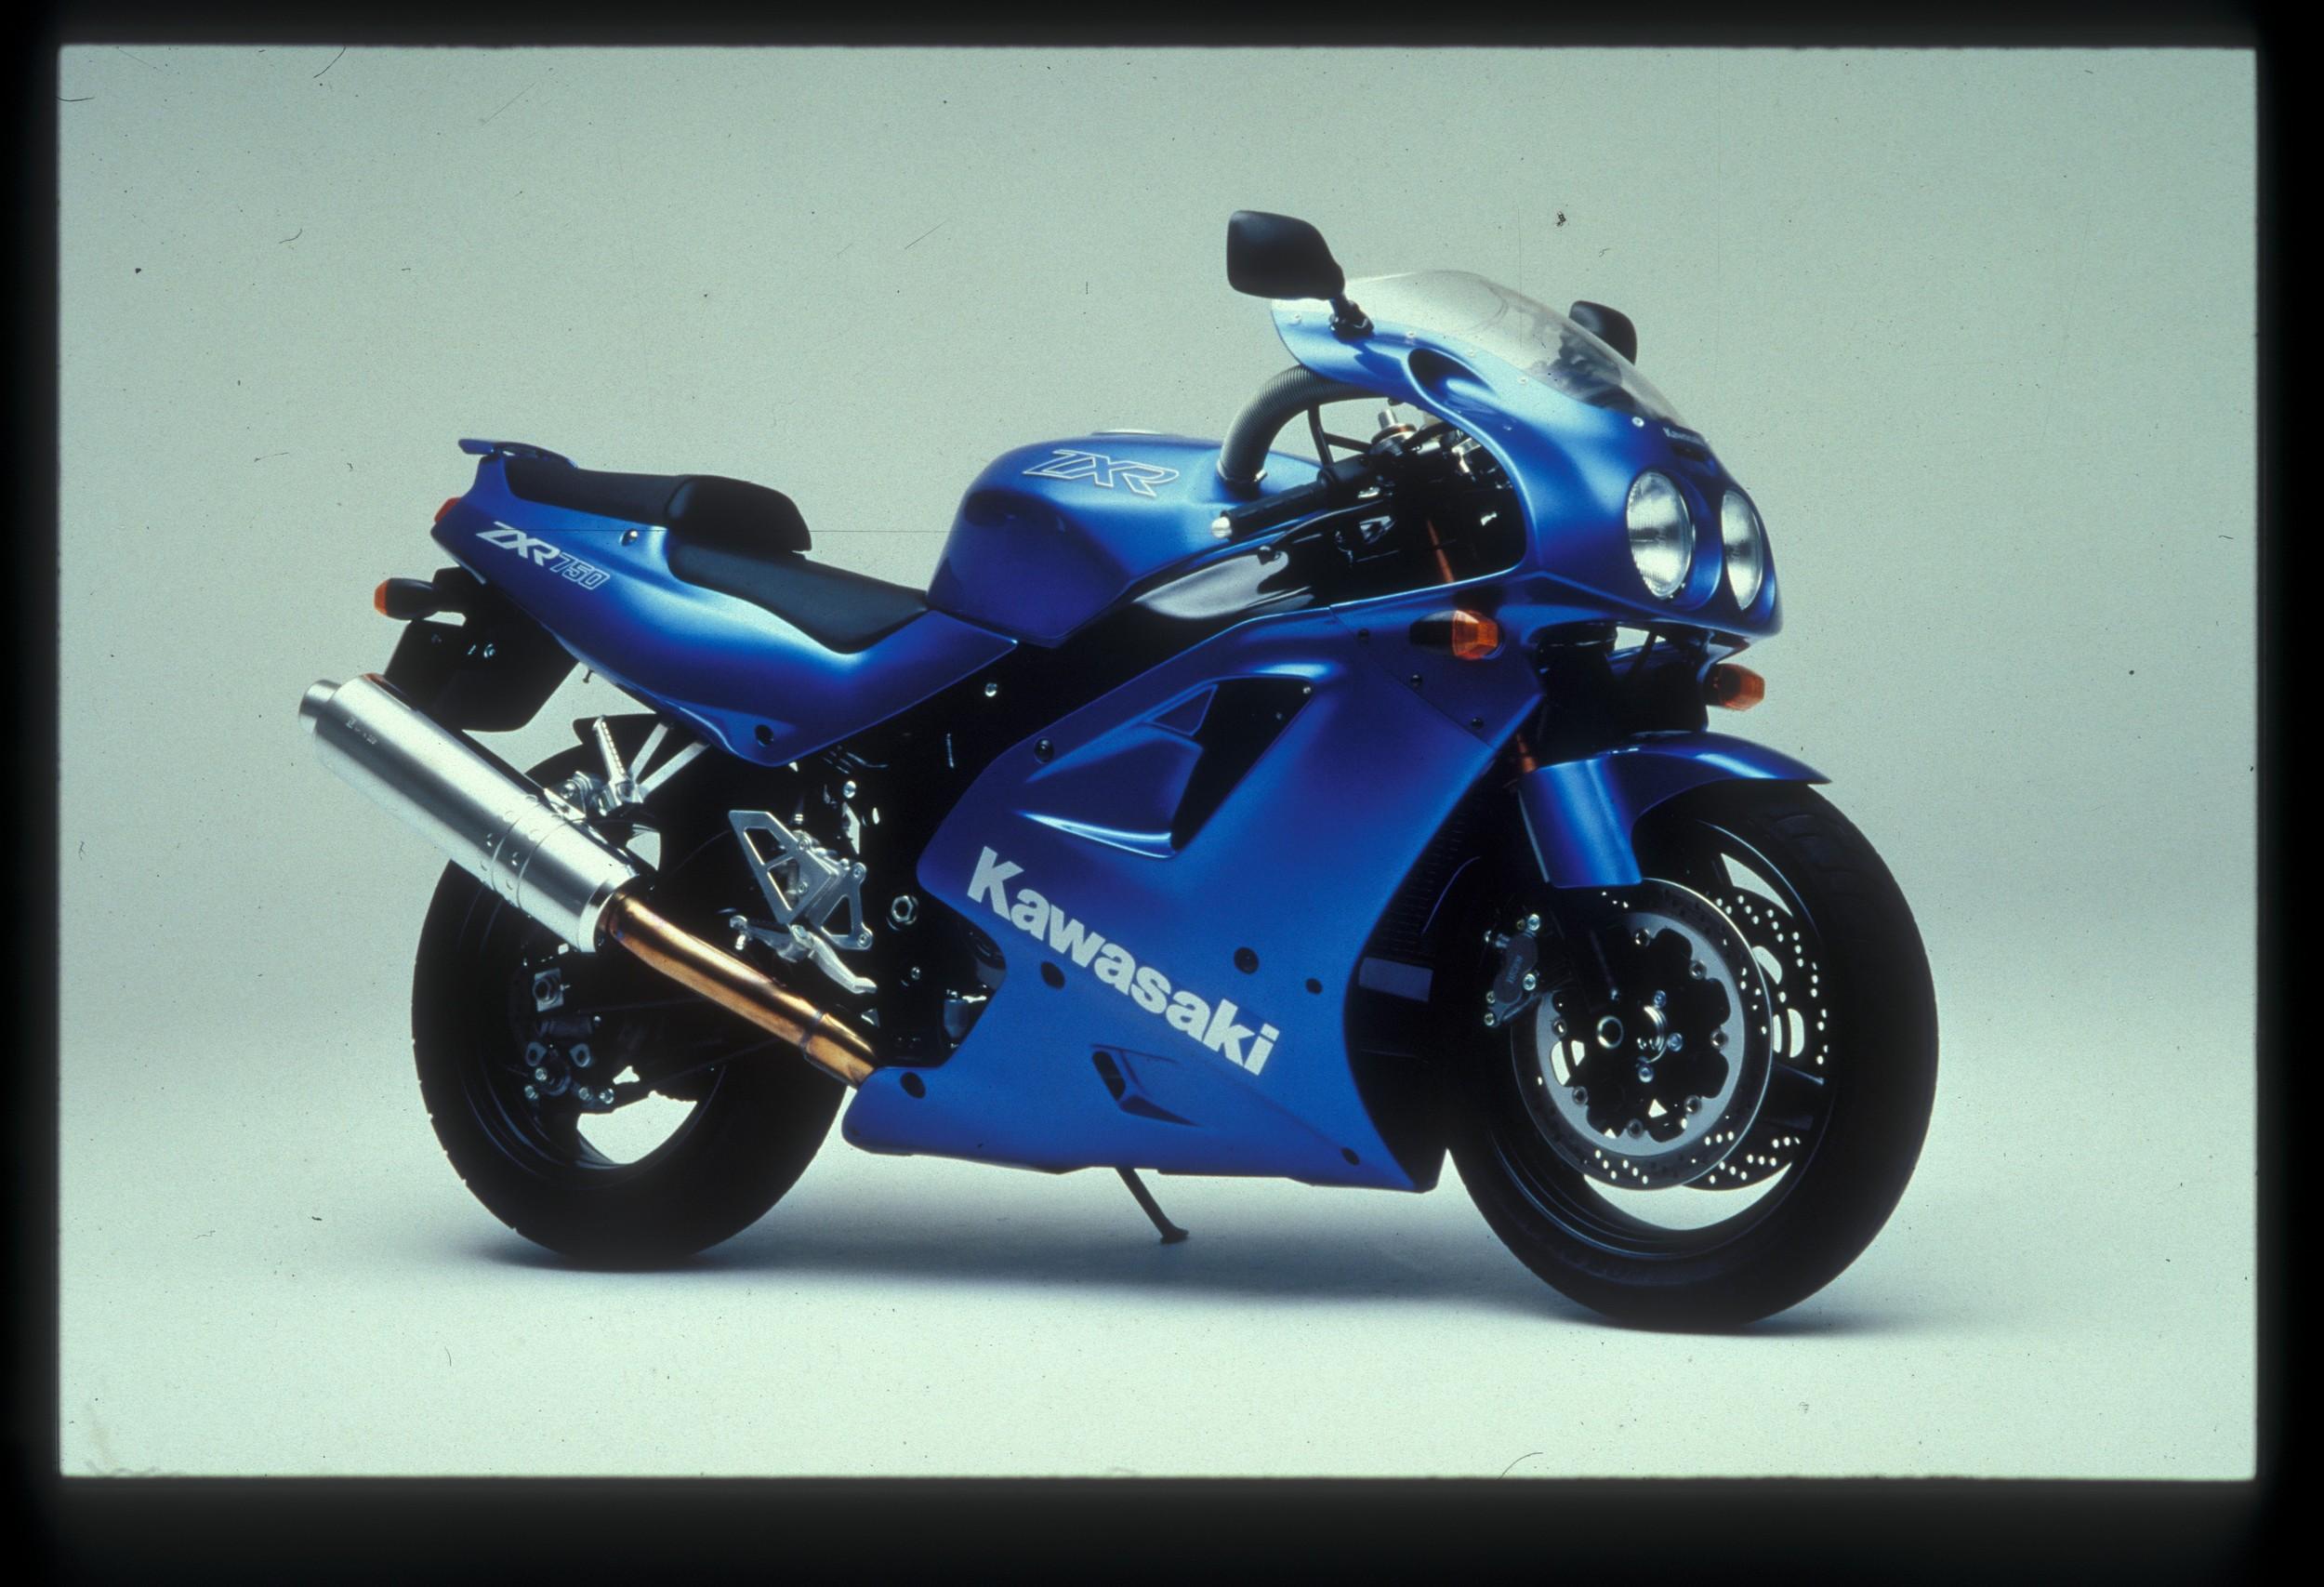 Zxr750 J2 Manual Suzuki Sidekick Tracker Wiring Diagram 19891990 Model Kawasaki Zxr 750 Array Beautiful Bikes J1 Classic Motorbikes Rh Net